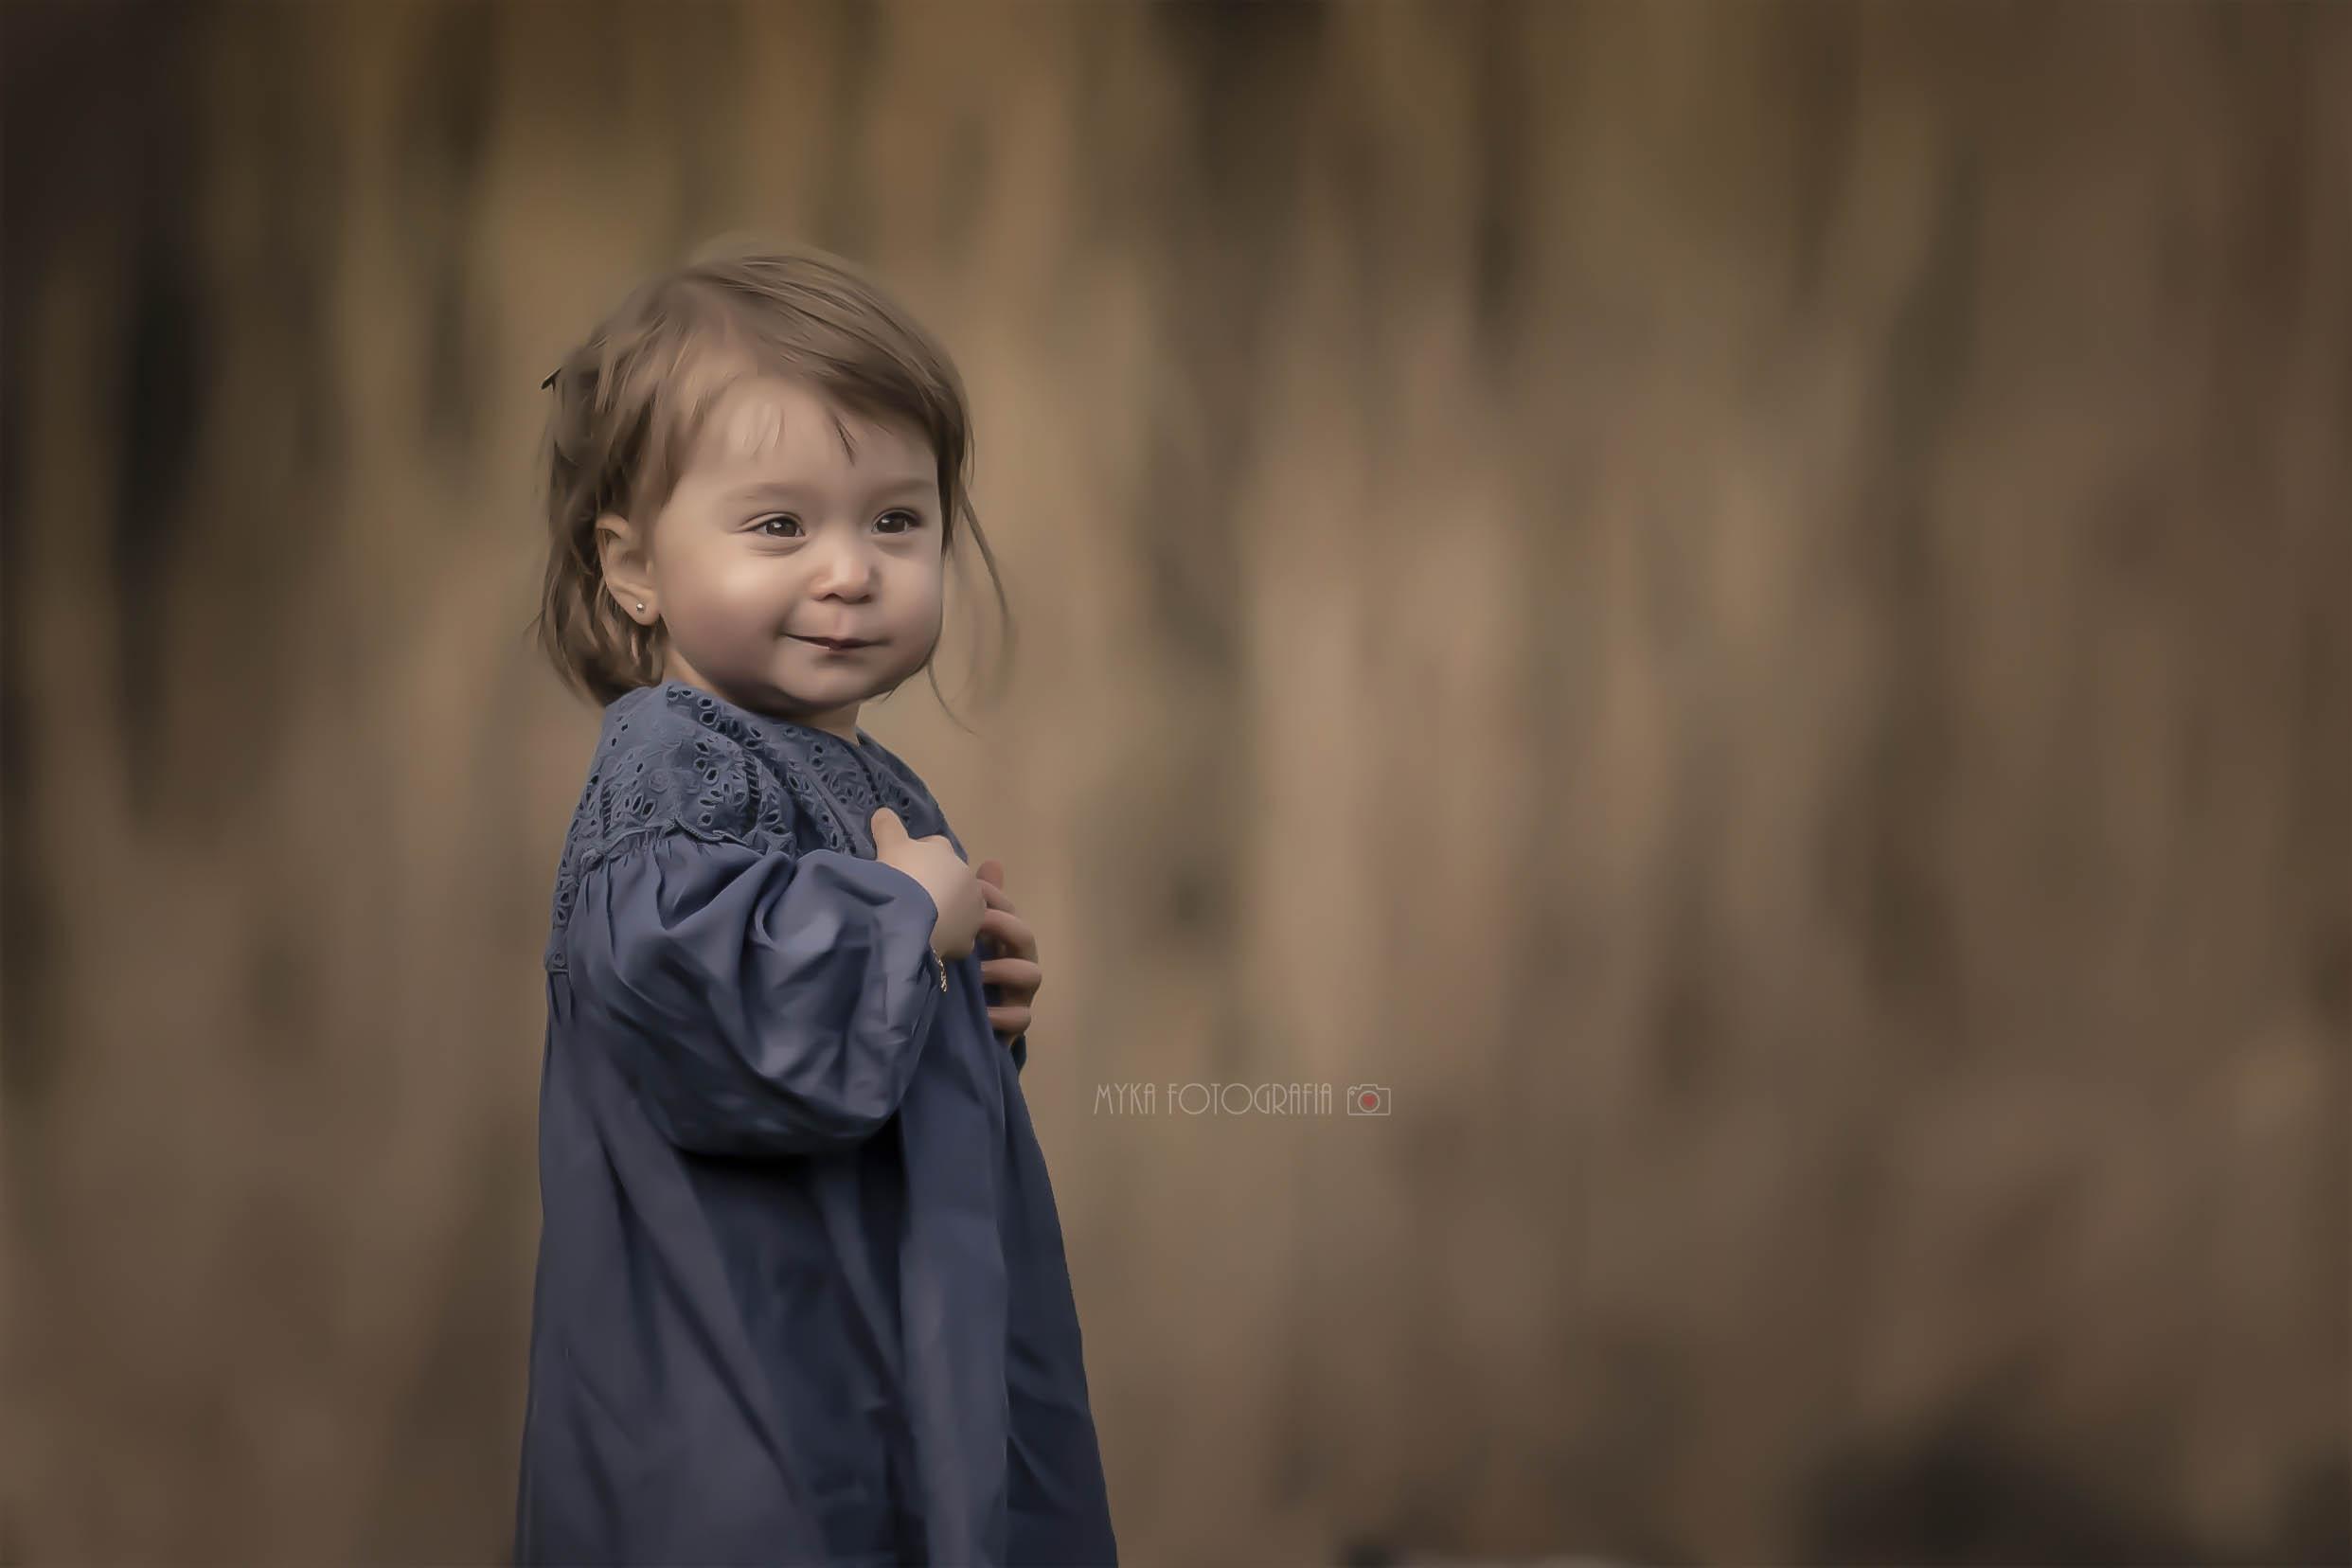 Retrato de menina no parque